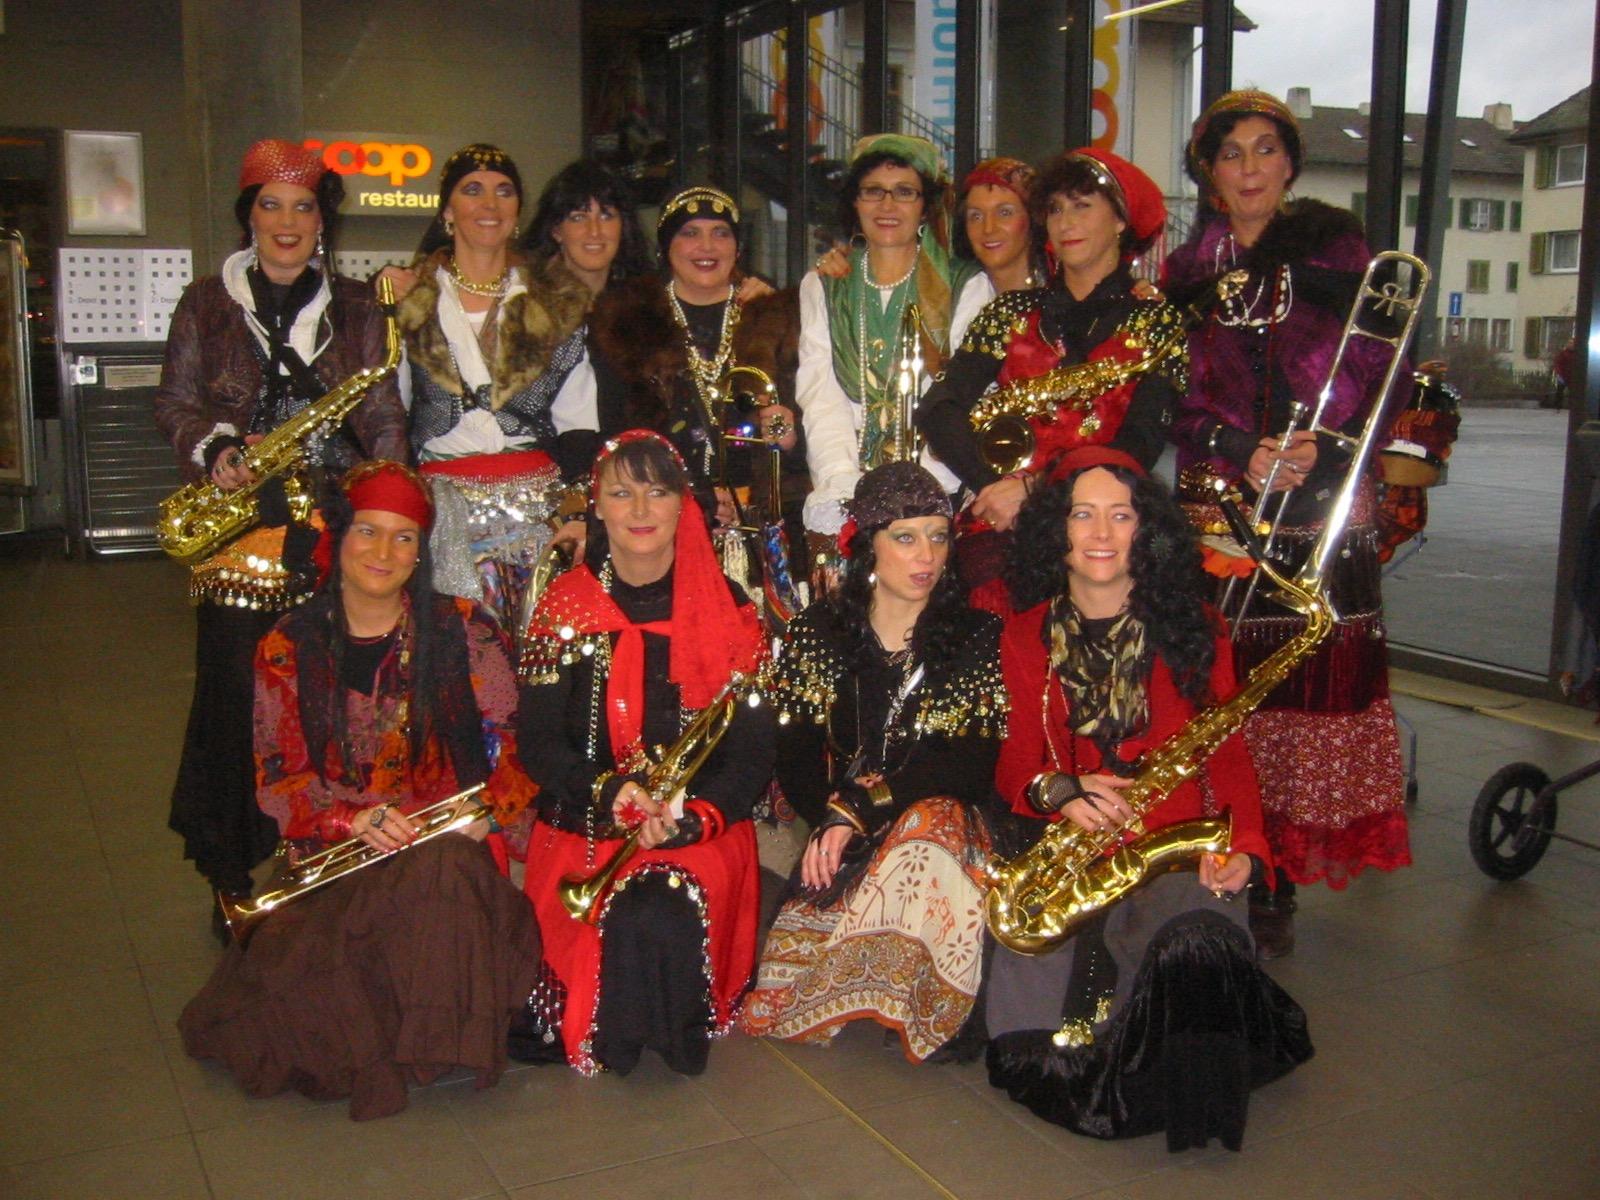 2008 - Zigeunerin